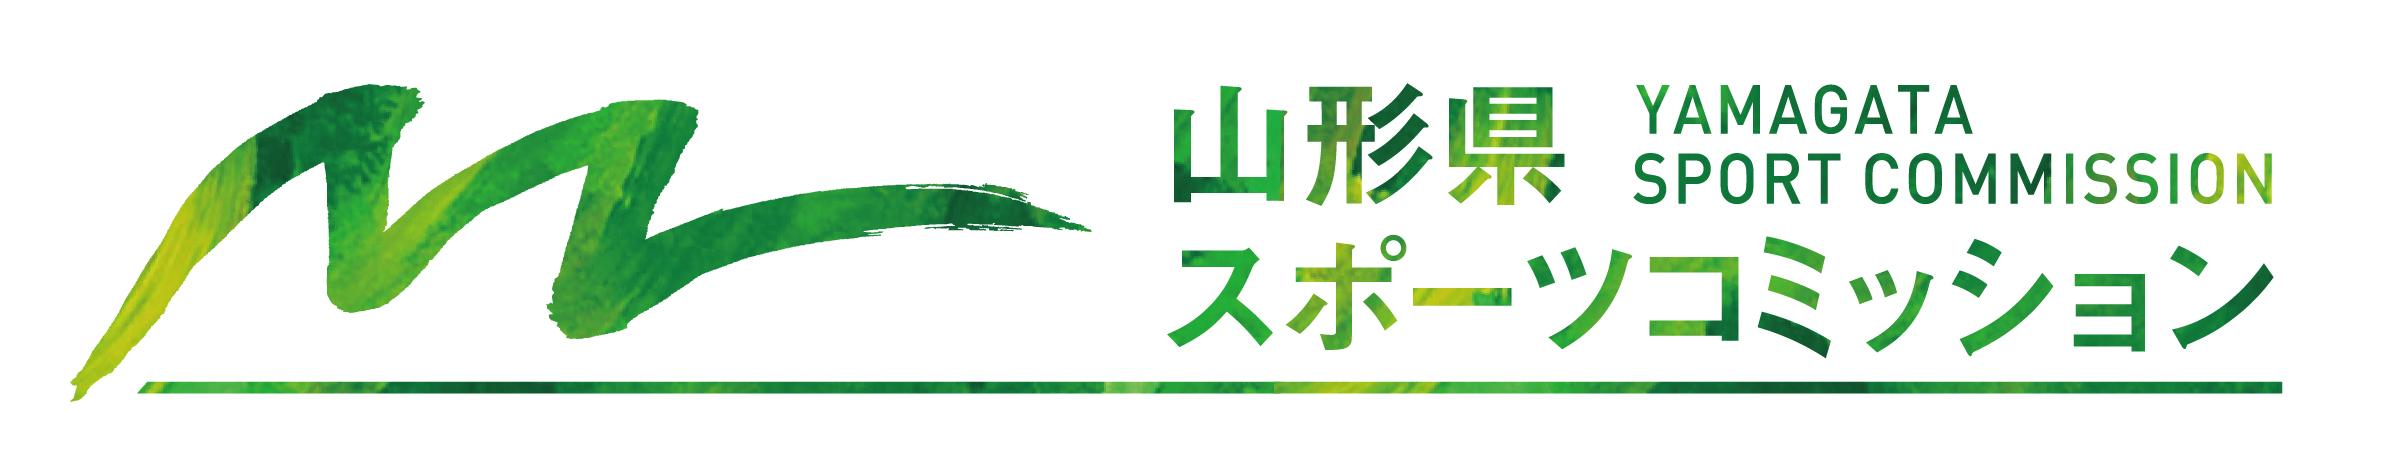 山形県スポーツコミッション【山形県】